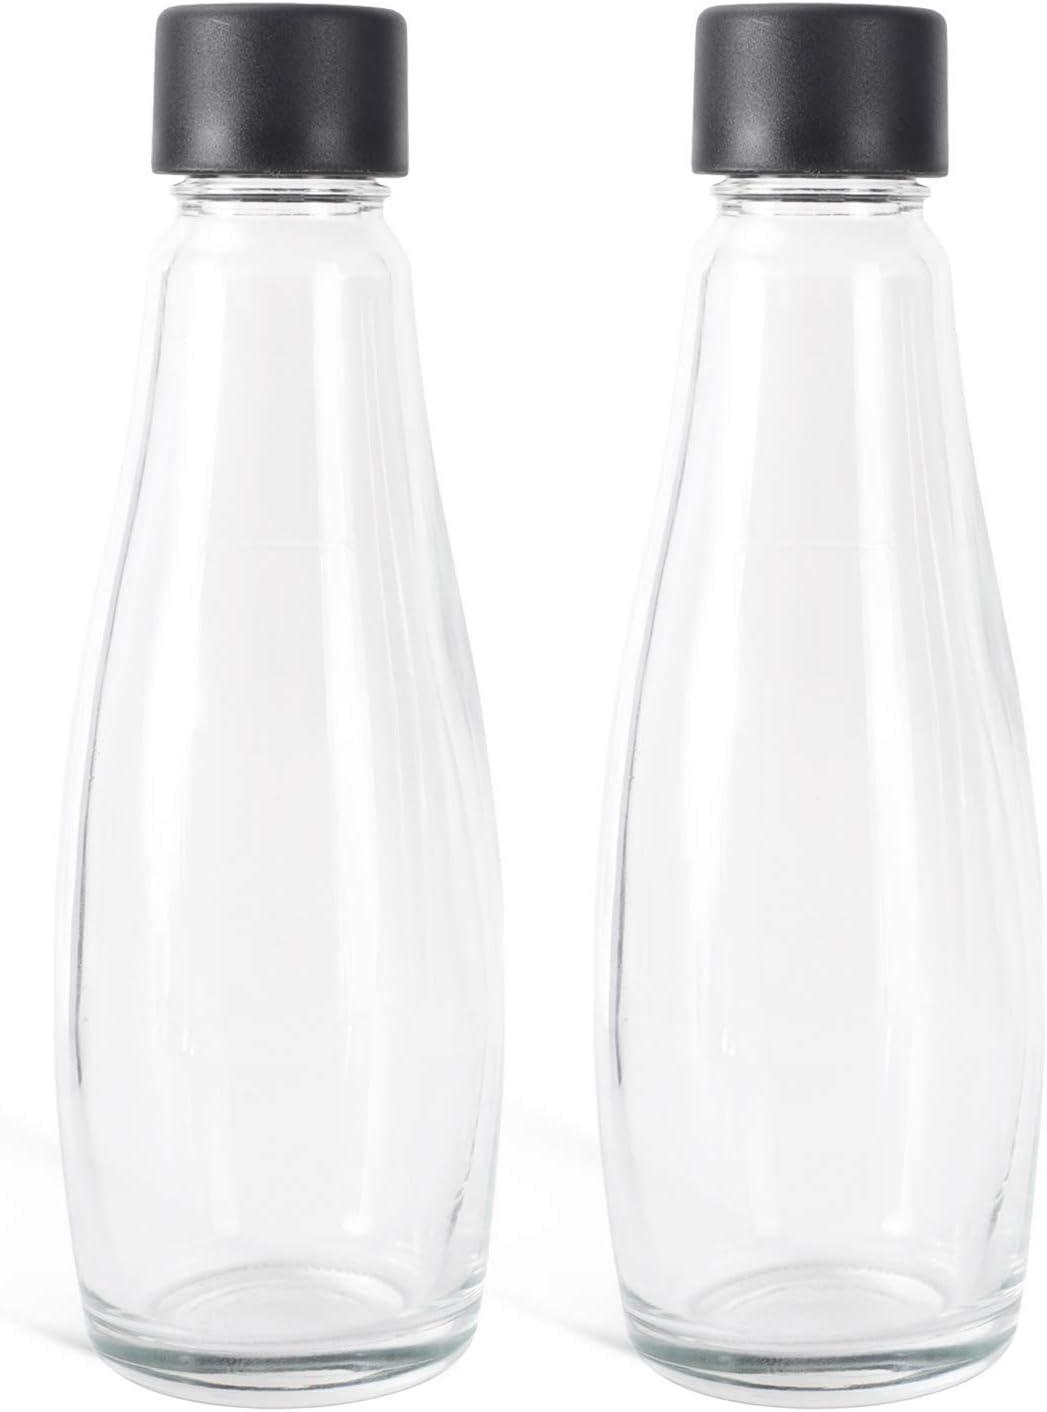 Levivo Botellas de Vidrio para el Fabricante de Refrescos WATER & JUICE, Como Complemento, Volumen de 0.6 l, se Puede Utilizar como Jarra de Vidrio, Duradera que las Botellas de PET, 2 Botellas